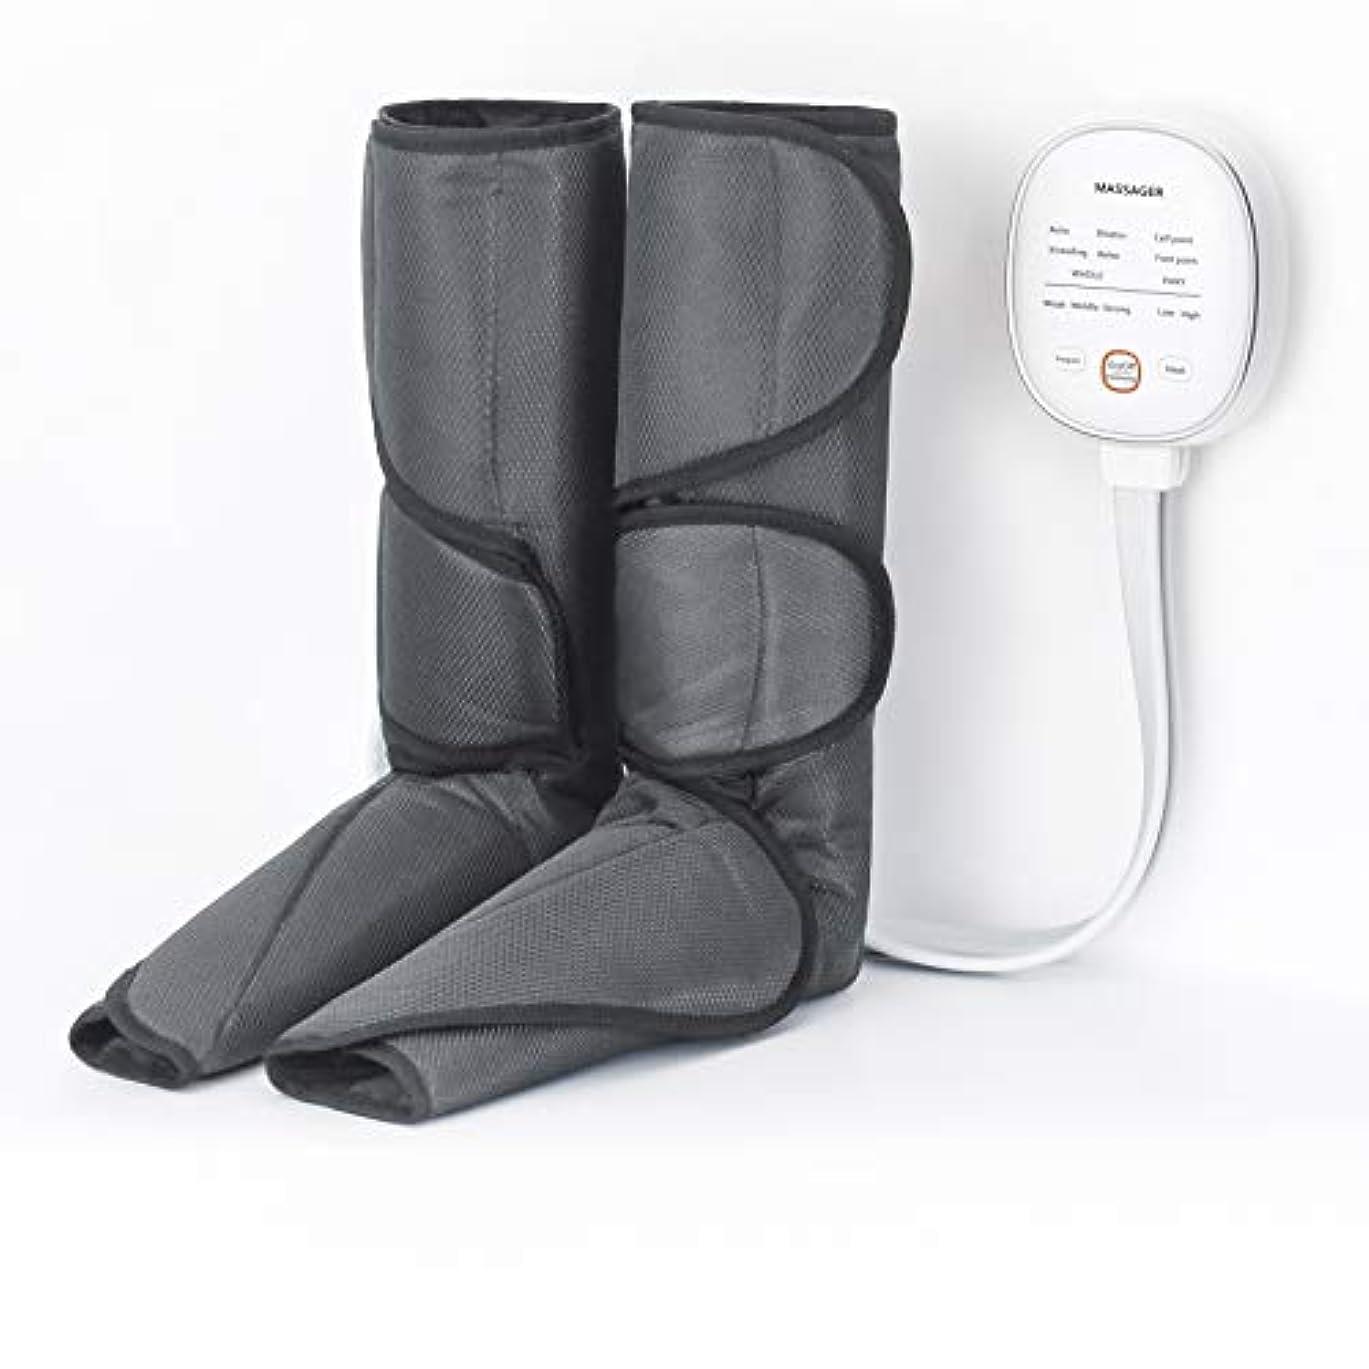 組み合わせる非行バルセロナマッサージャー フット エアーマッサージャー温感機能搭載 ふくらはぎ 気圧 6つのマッサージコースを 不眠症改善、解消 家庭用&職場用 敬老の日